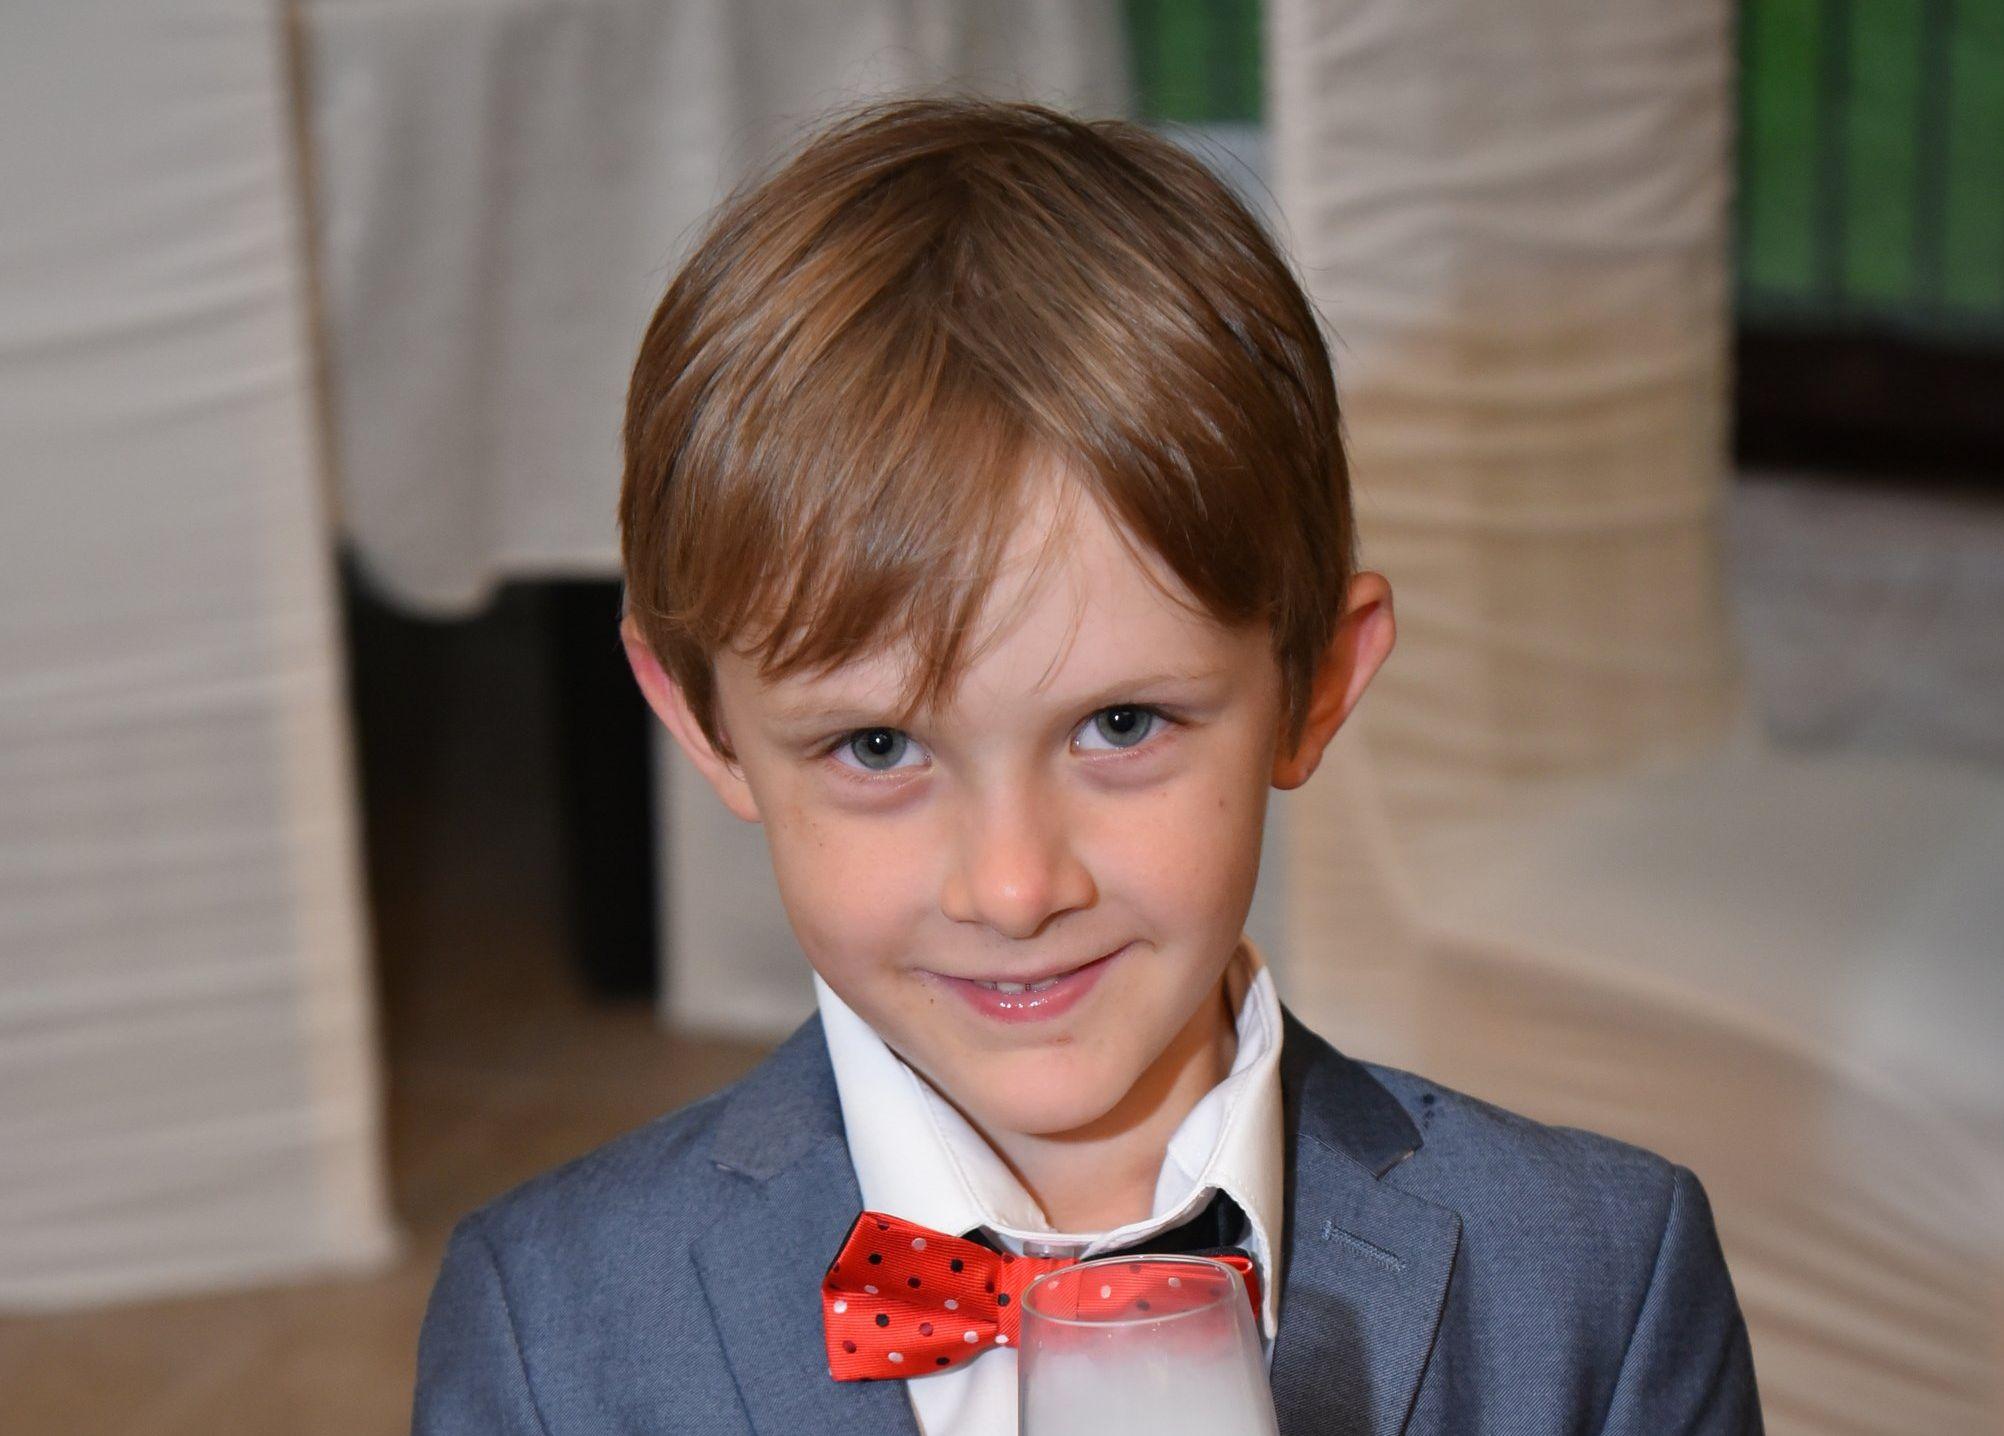 Imagini pentru boy